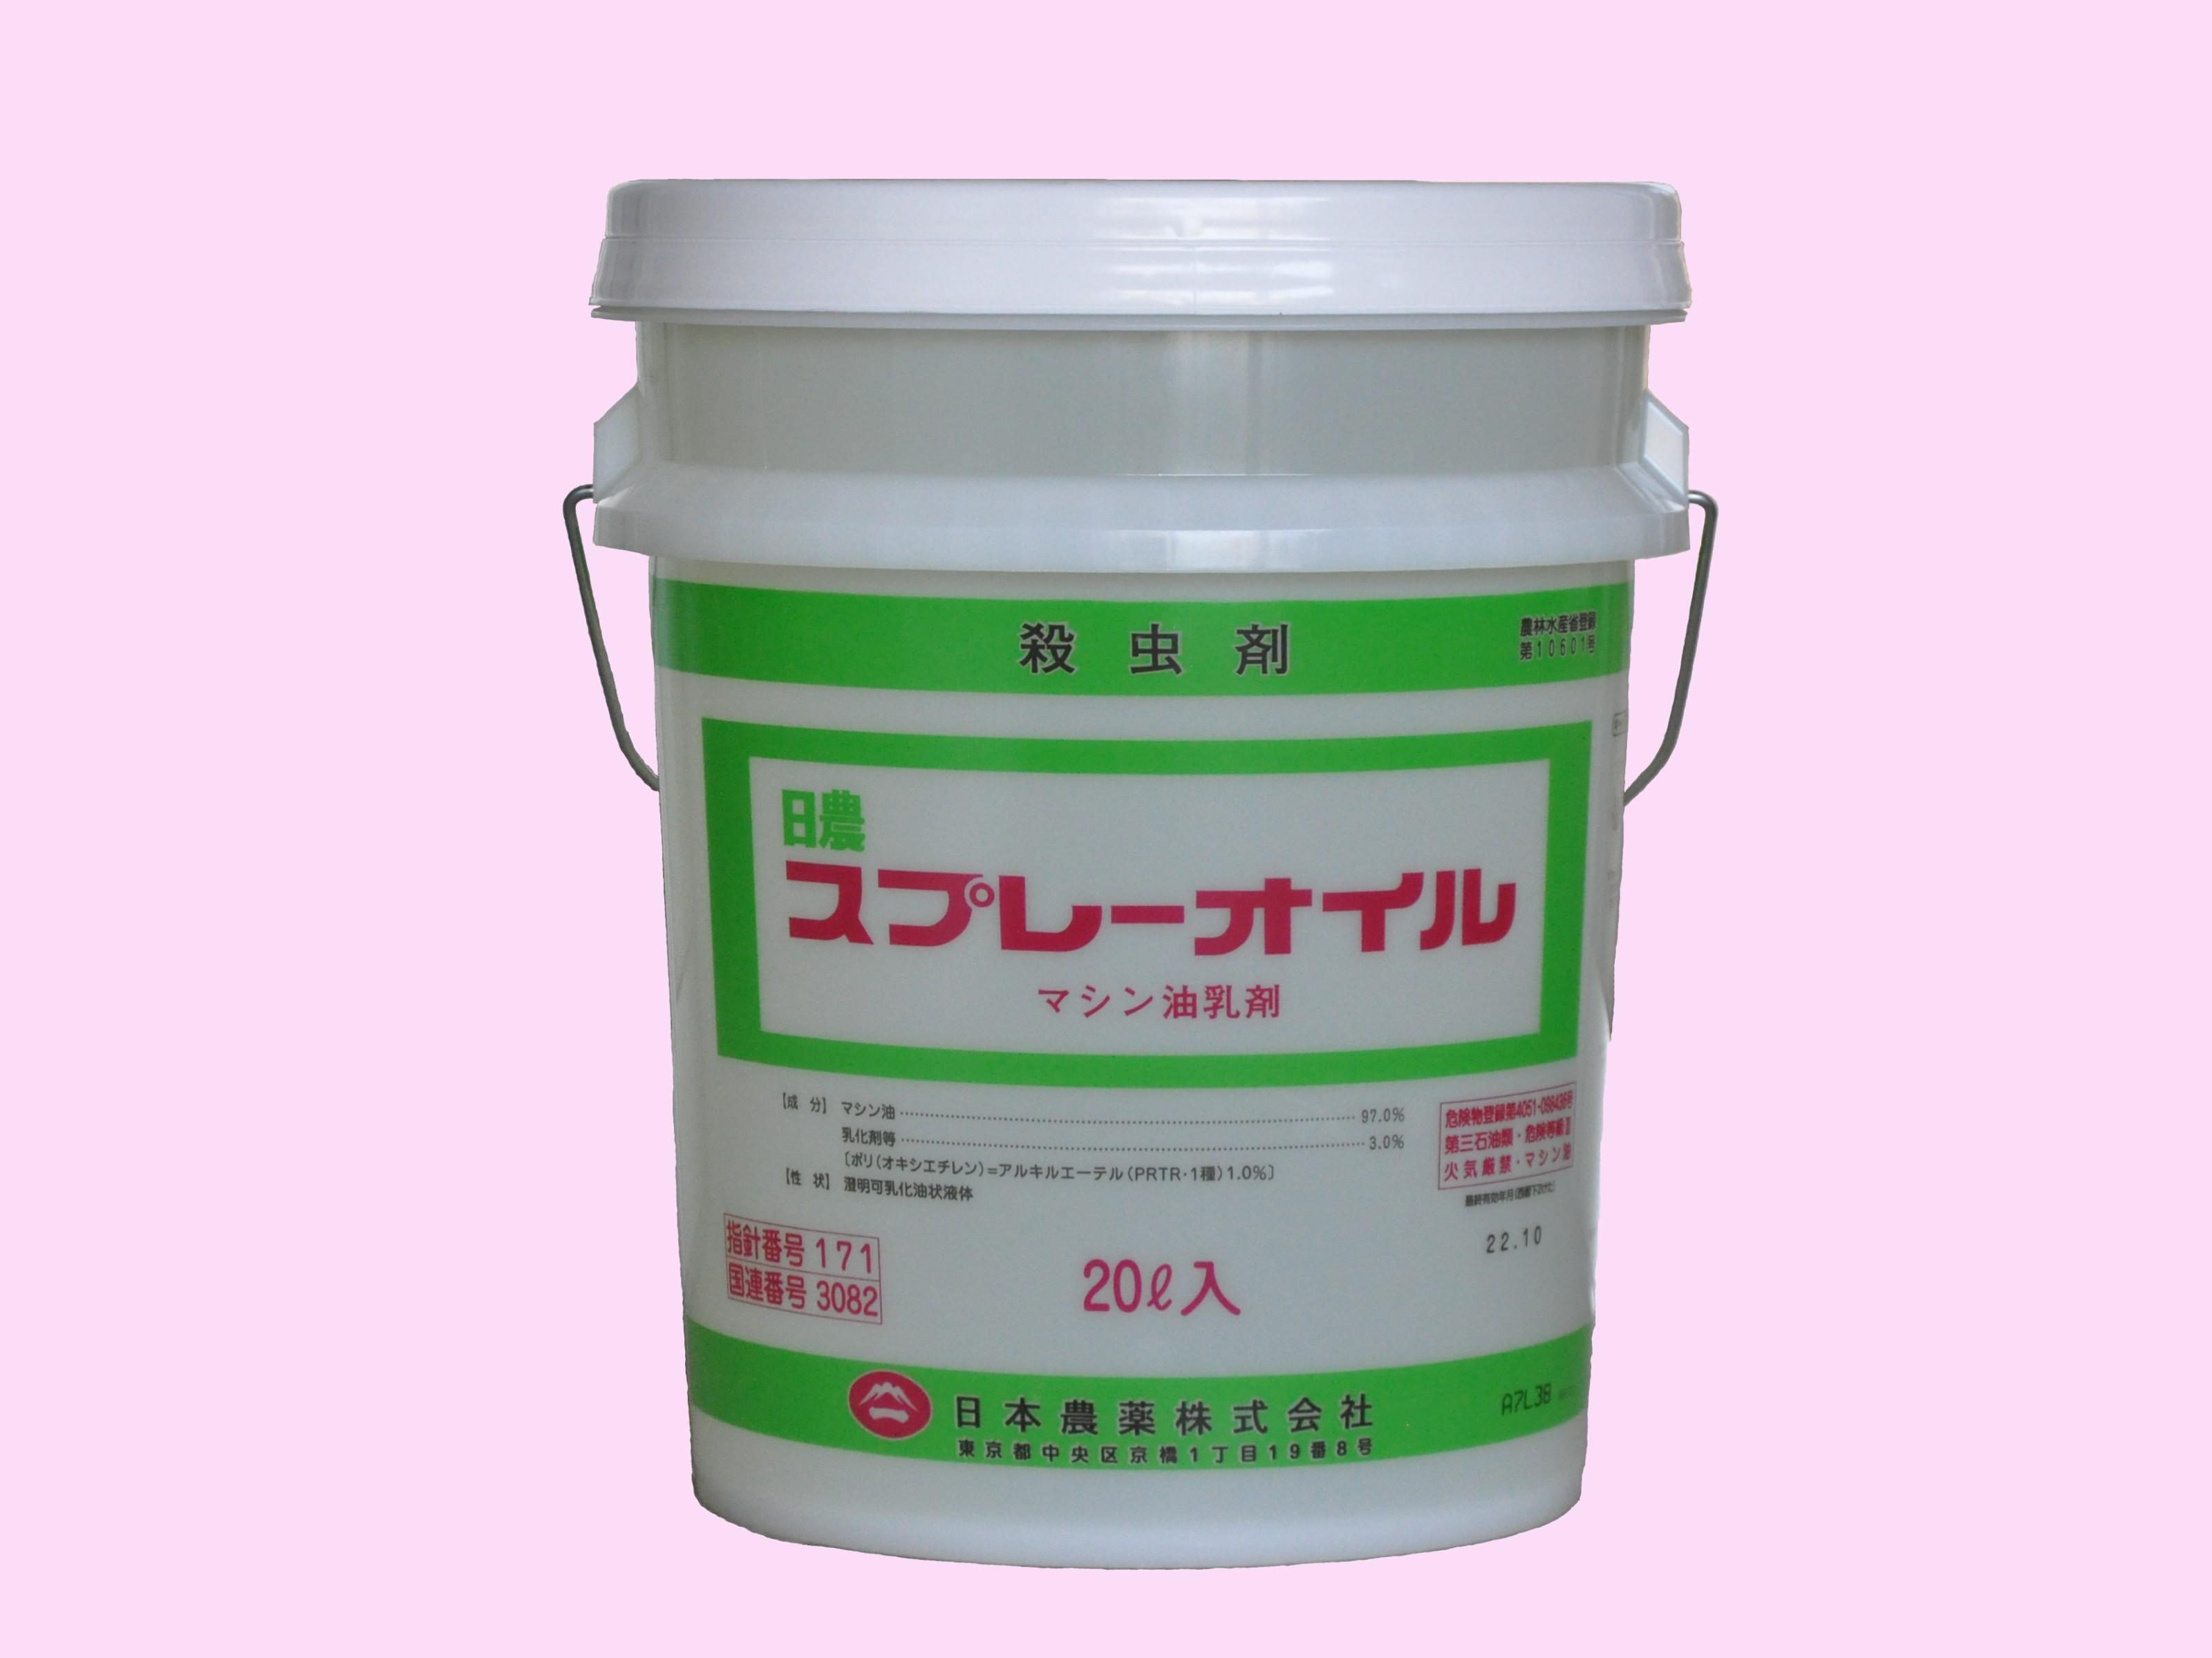 マシン油乳剤「スプレーオイル 20L」